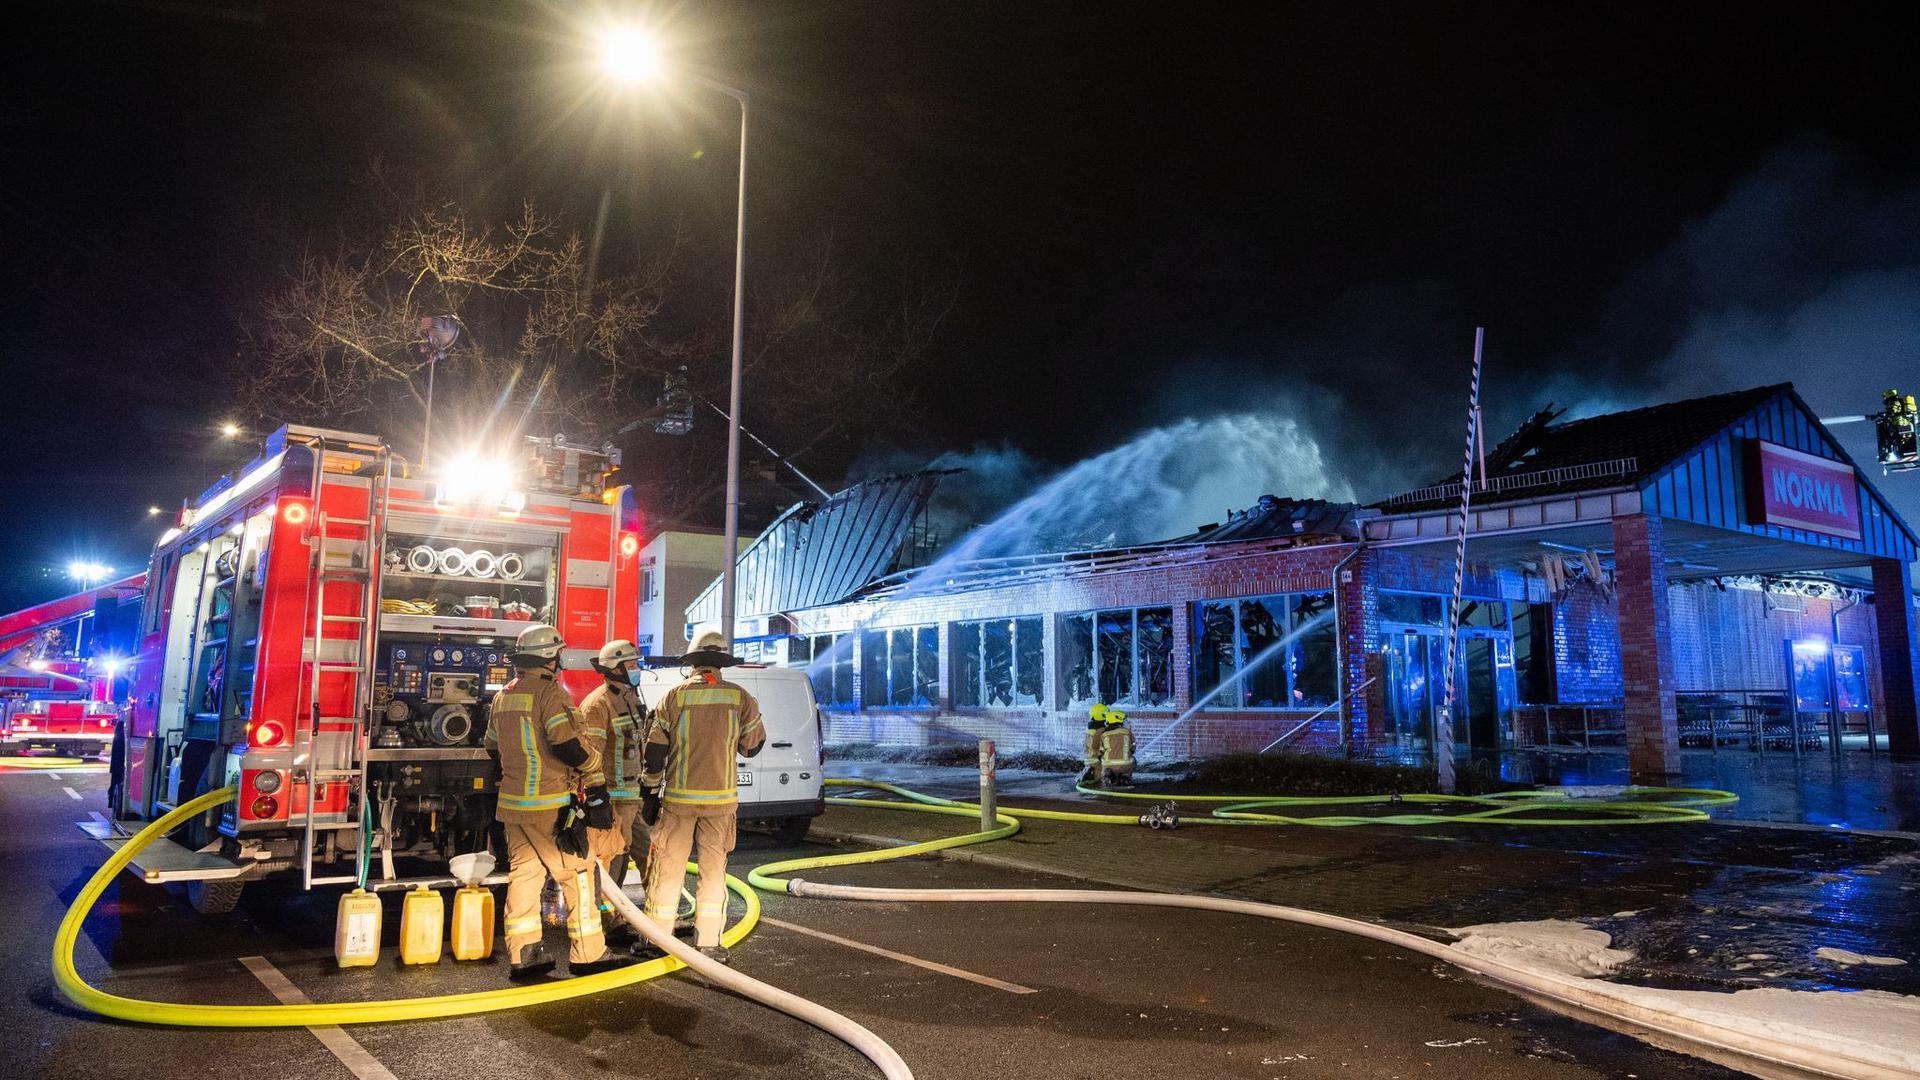 Feuerwehrleute löschen einen brennenden Supermarkt in Berlin.